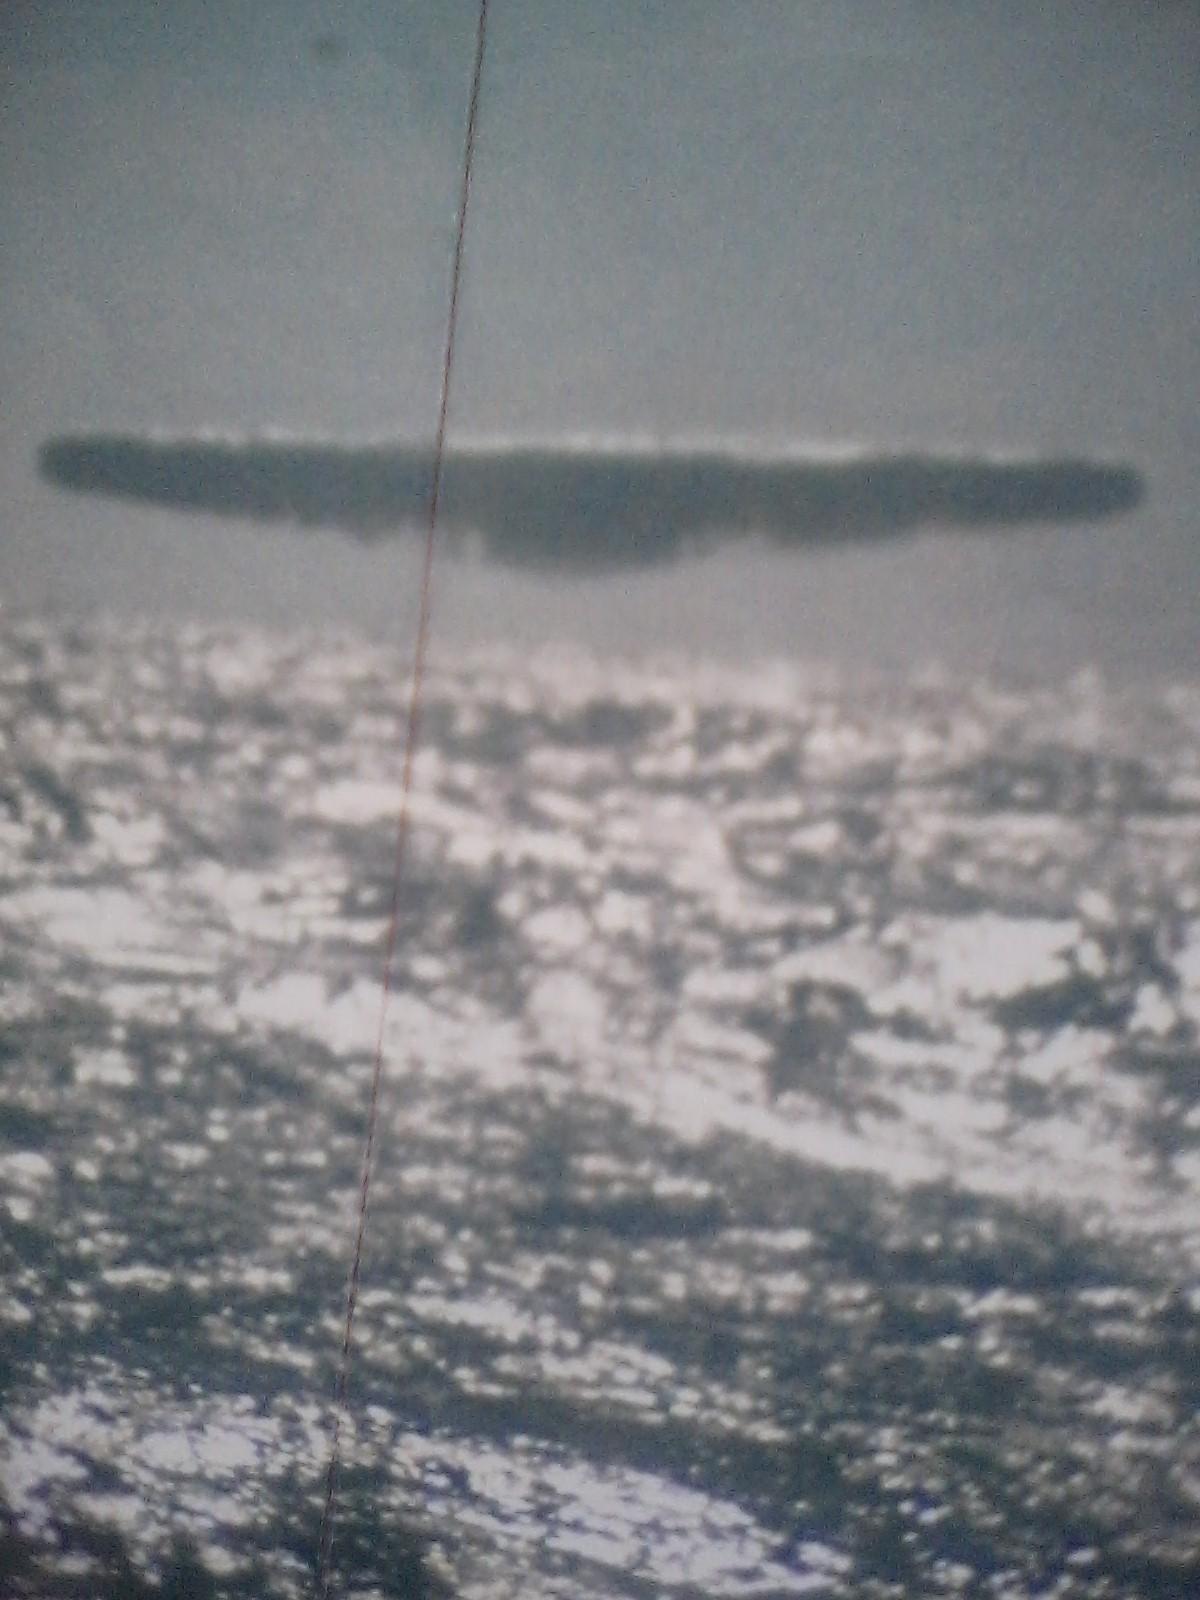 1971년 북극 근방에서 미군 잠수함에 의해 찍힌 UFO 사진